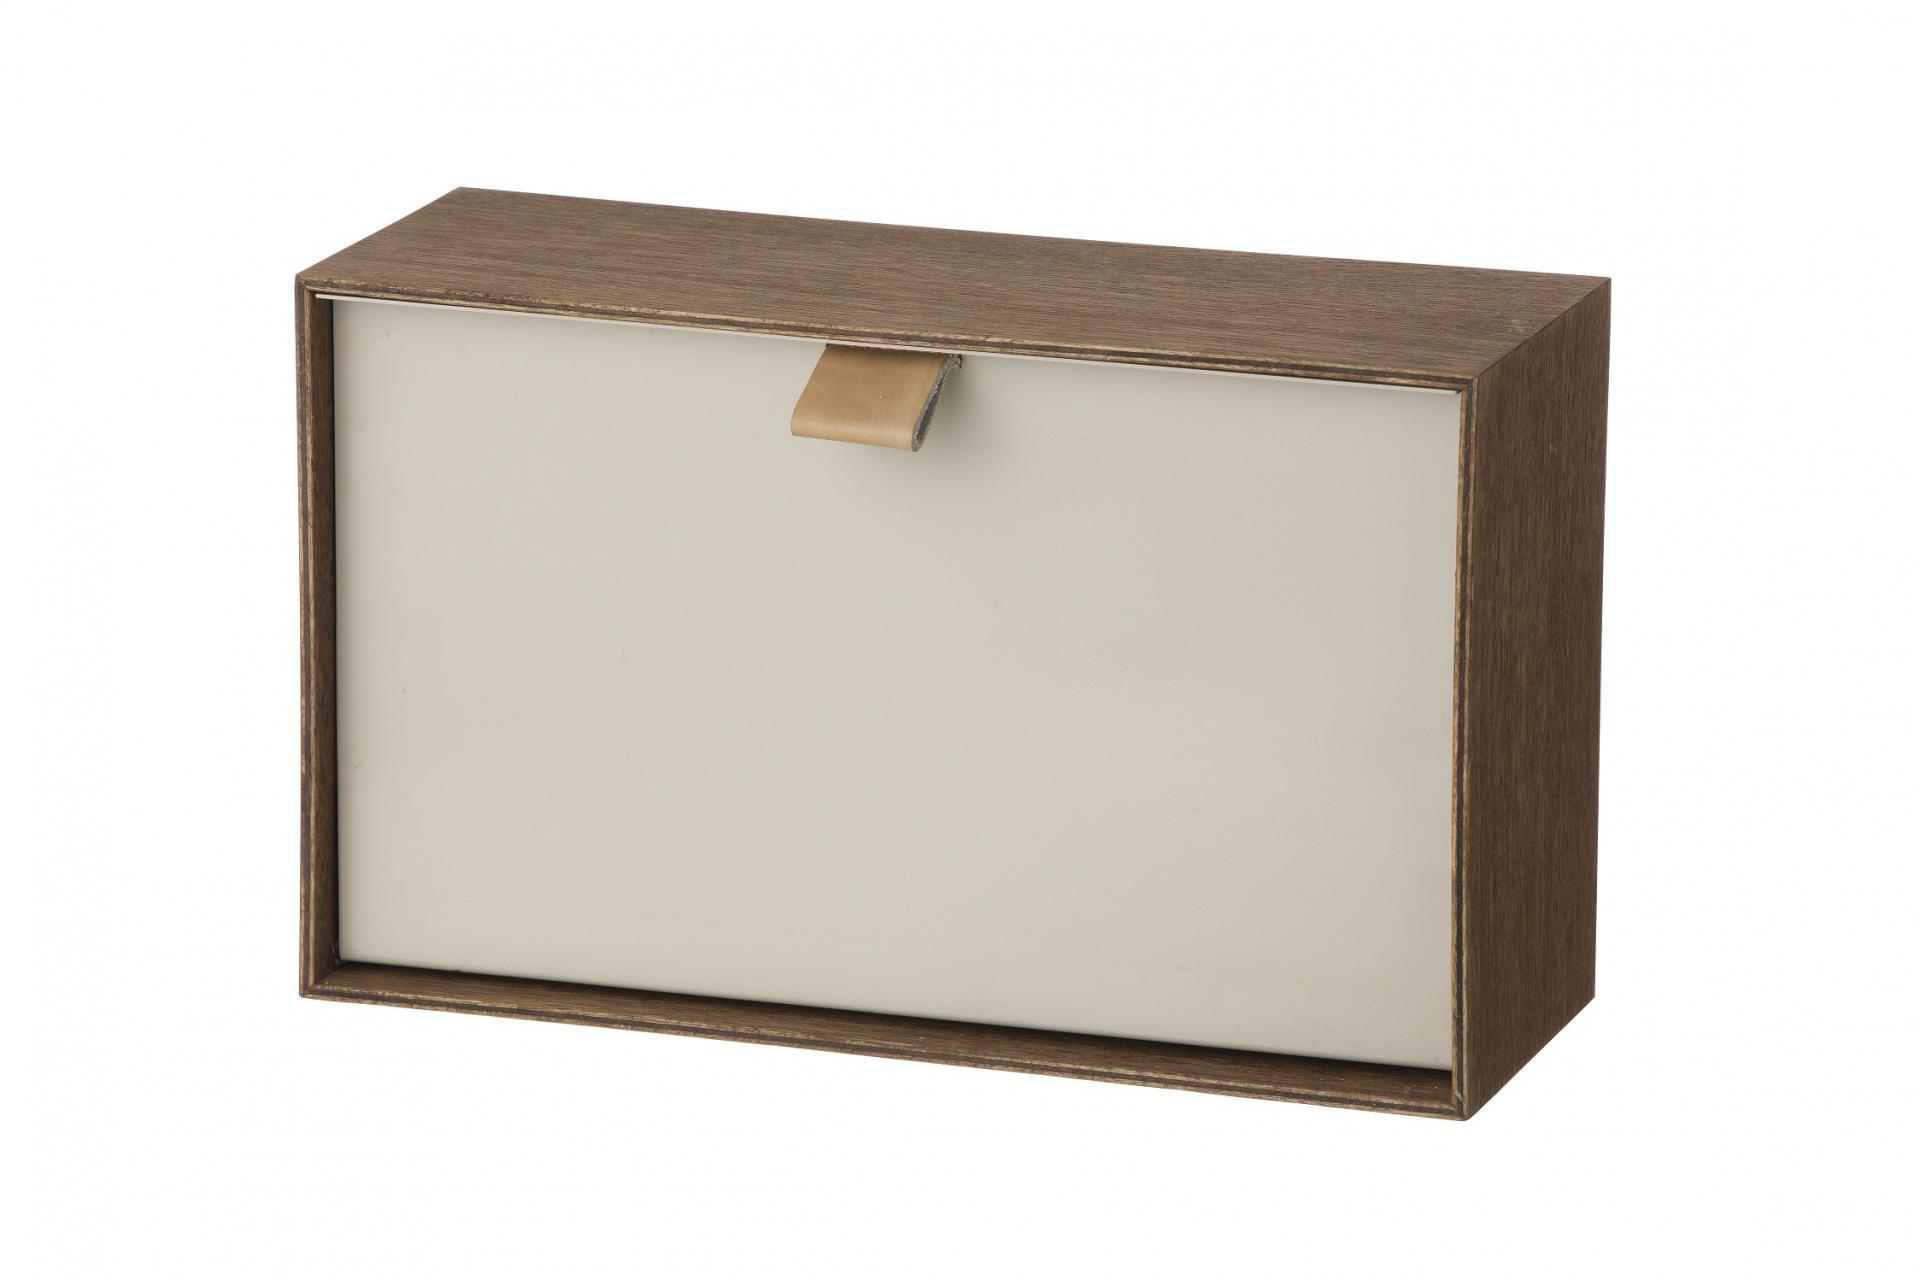 ferm LIVING Nástěnný box Enter, šedá barva, hnědá barva, dřevo